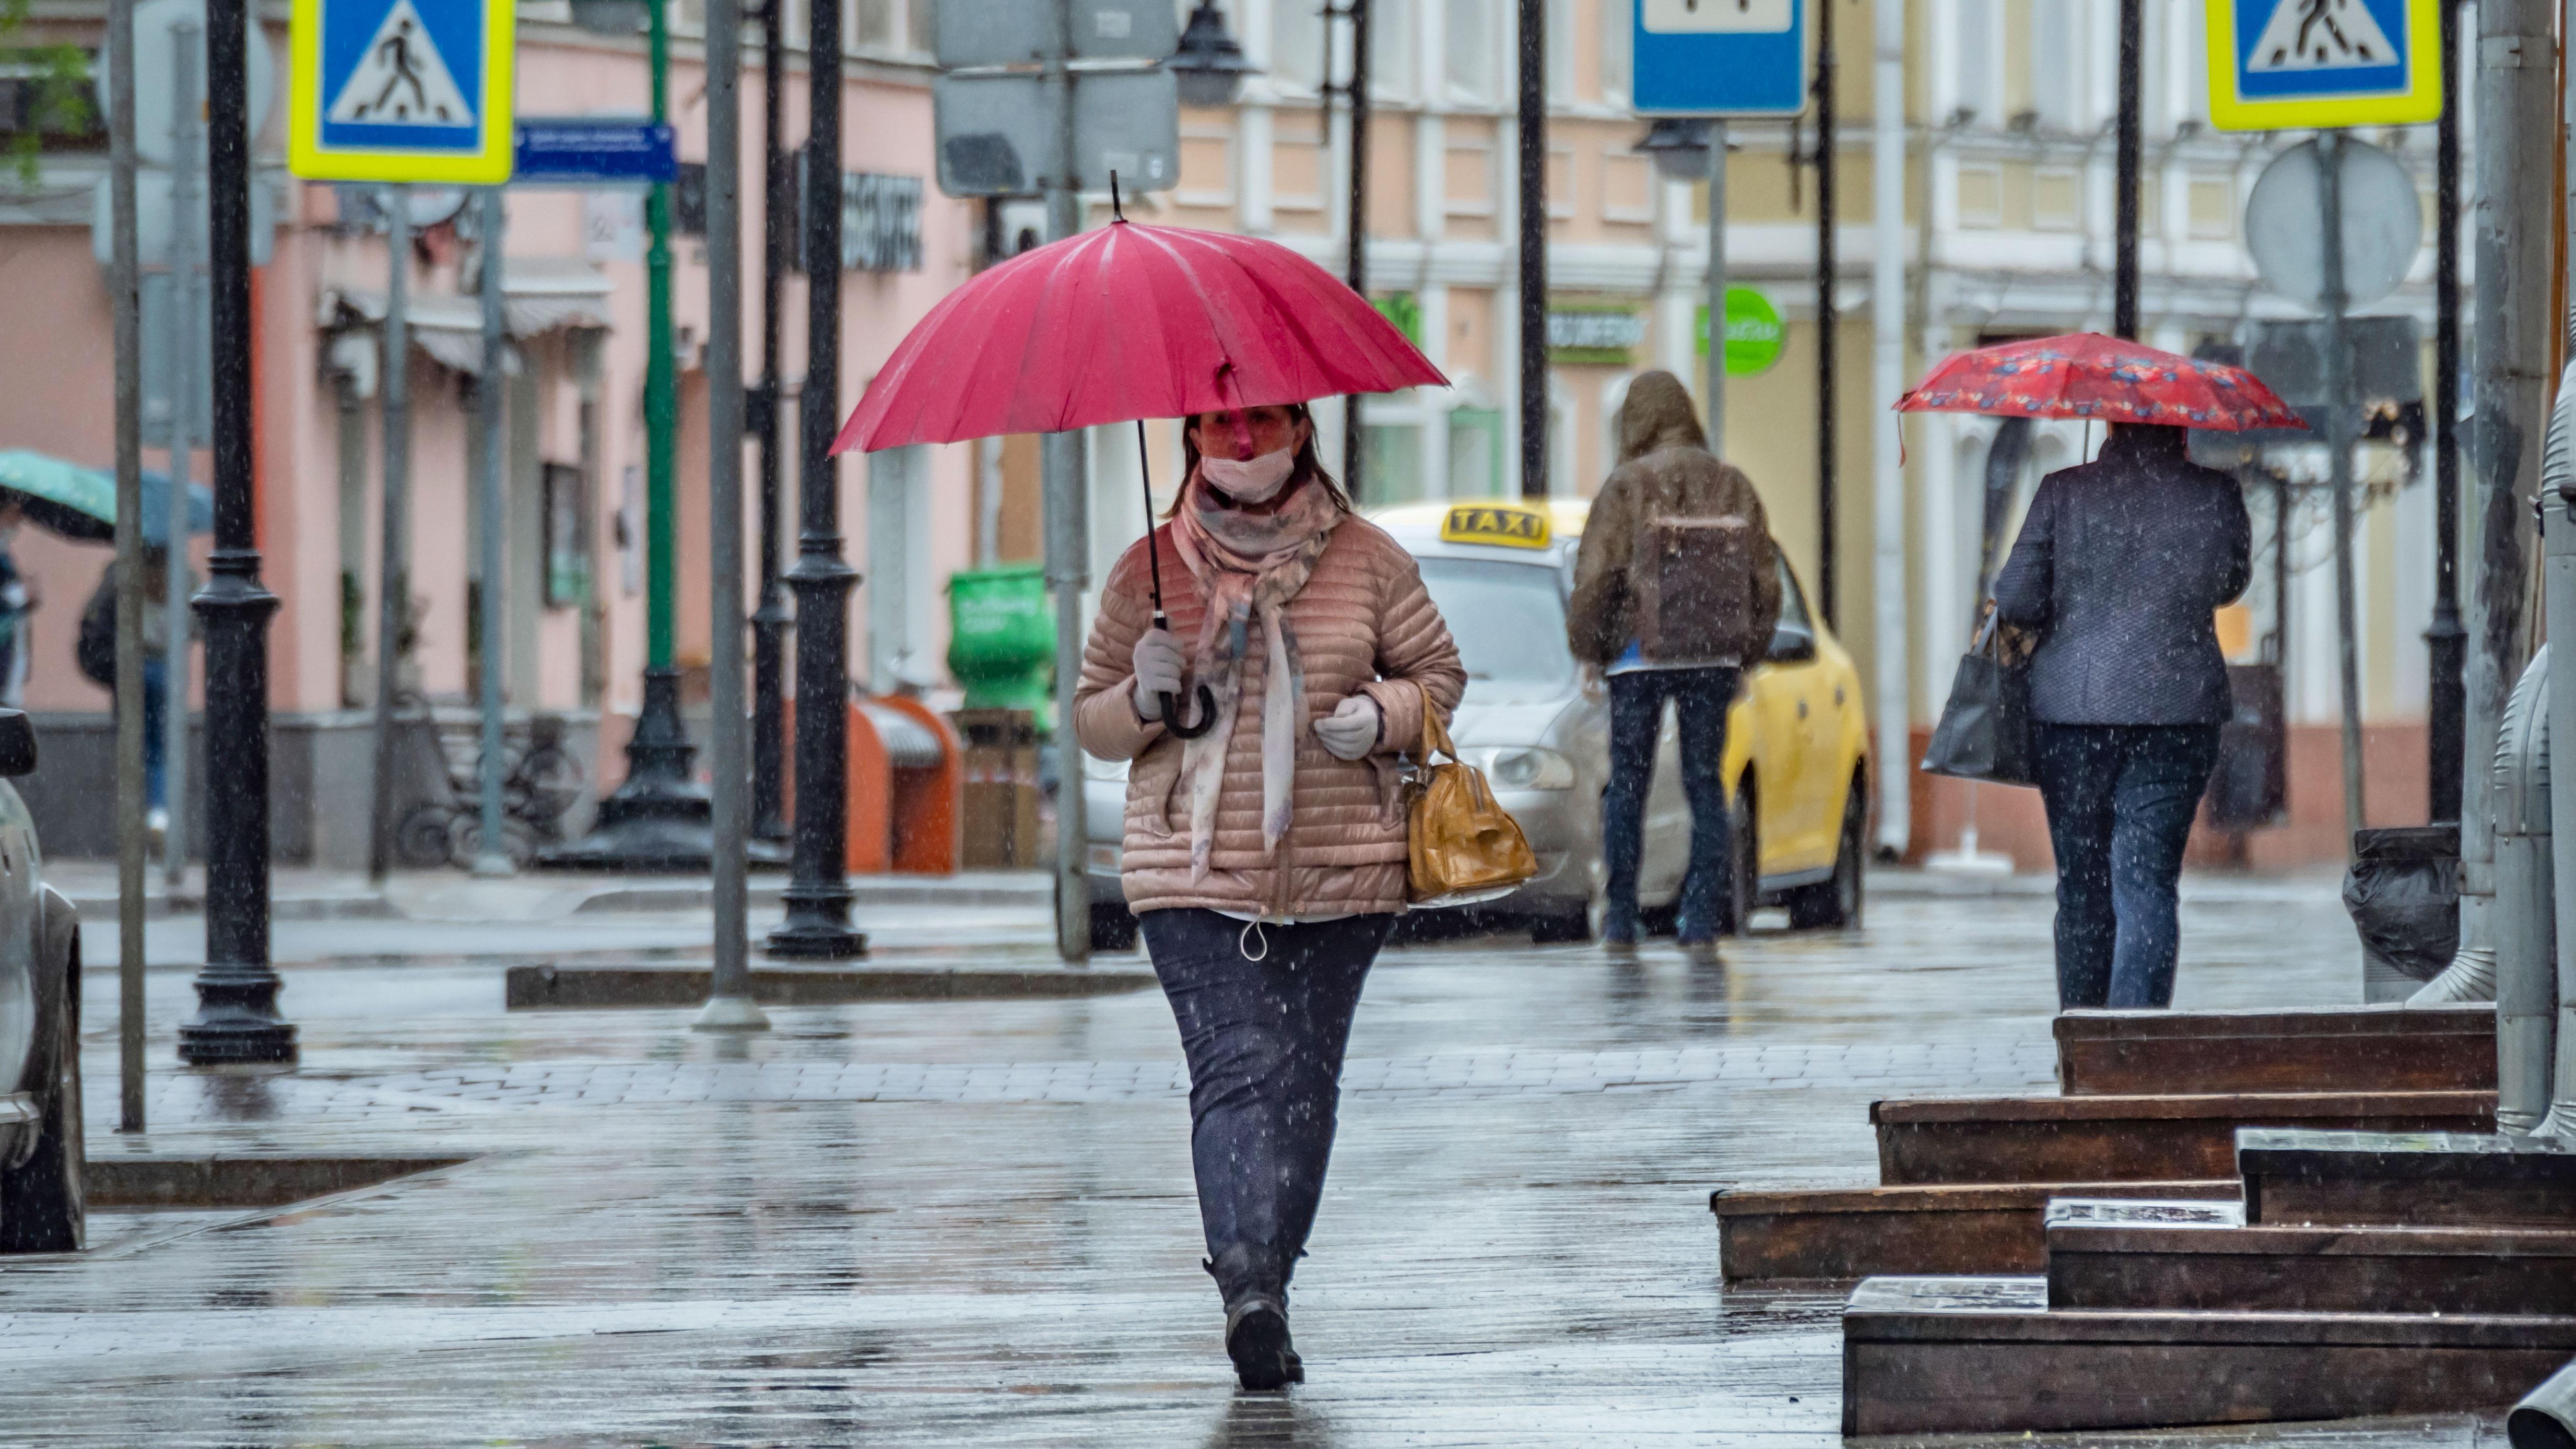 Синоптики рассказали о грядущем потеплении в Москве